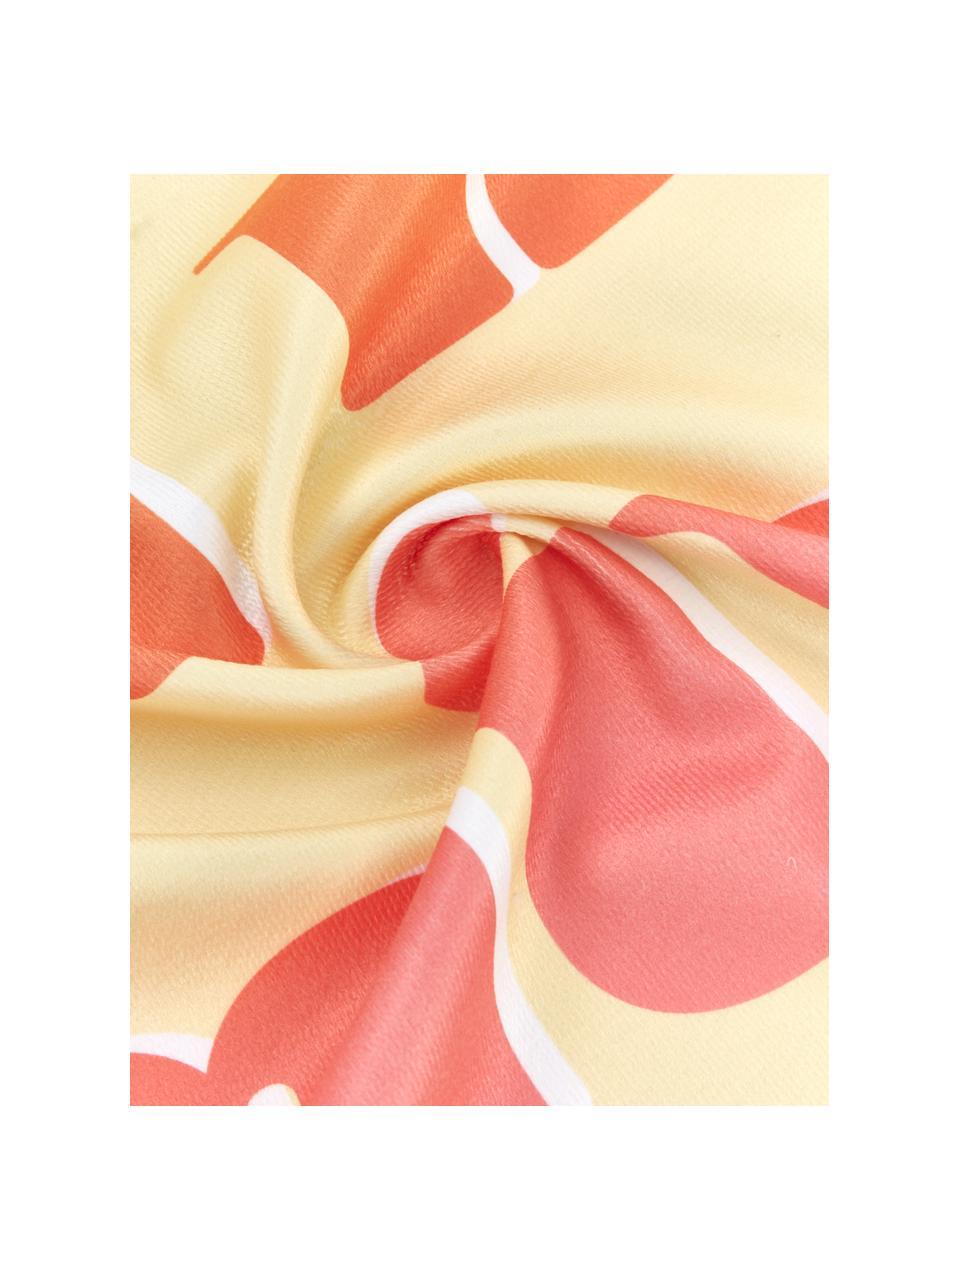 Ręcznik plażowy Sunshine, 55% poliester, 45% bawełna Bardzo niska gramatura, 340 g/m², Żółty, wielobarwny, S 70 x D 150 cm